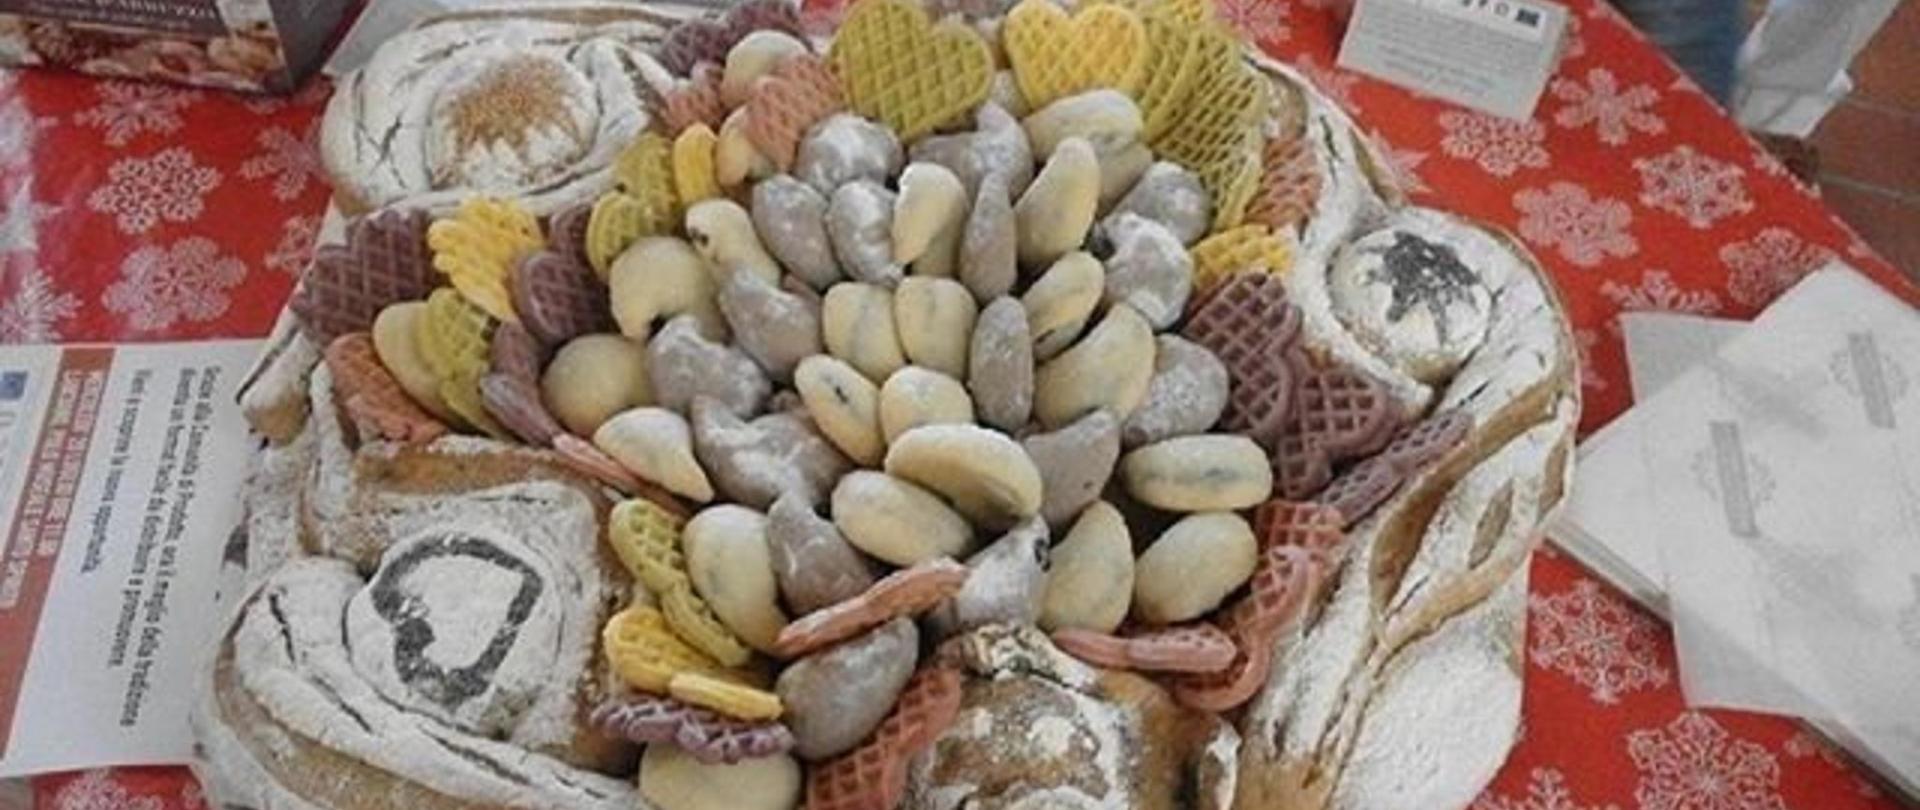 vassoio_in_pane_con_dolci_tipici_abruzzesi-1.jpg